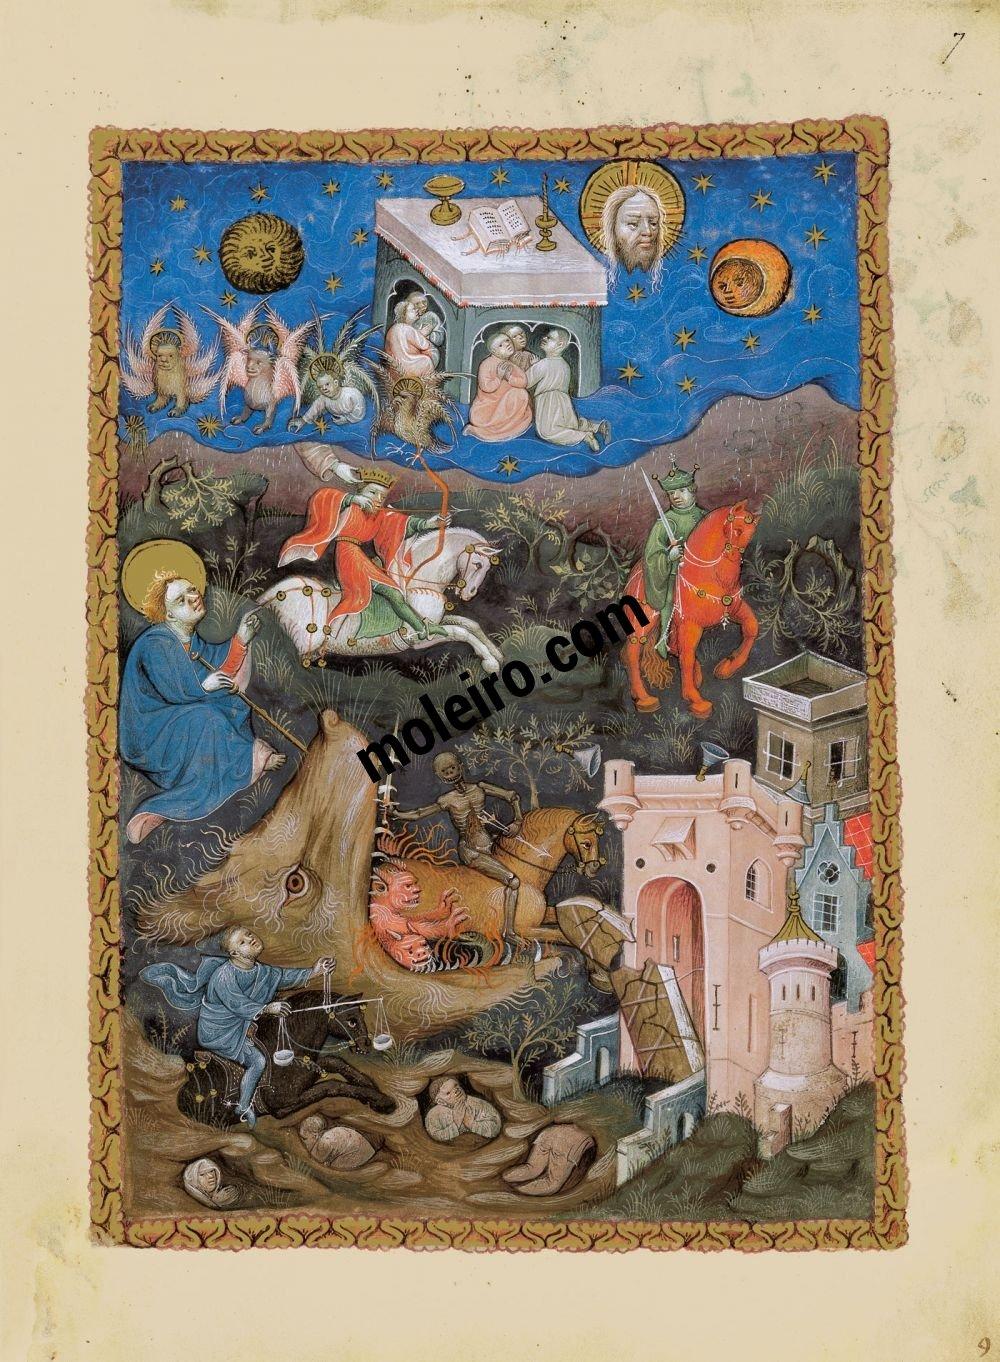 Flämische Apokalypse f. 7r, Die vier Reiter der Apokalypse